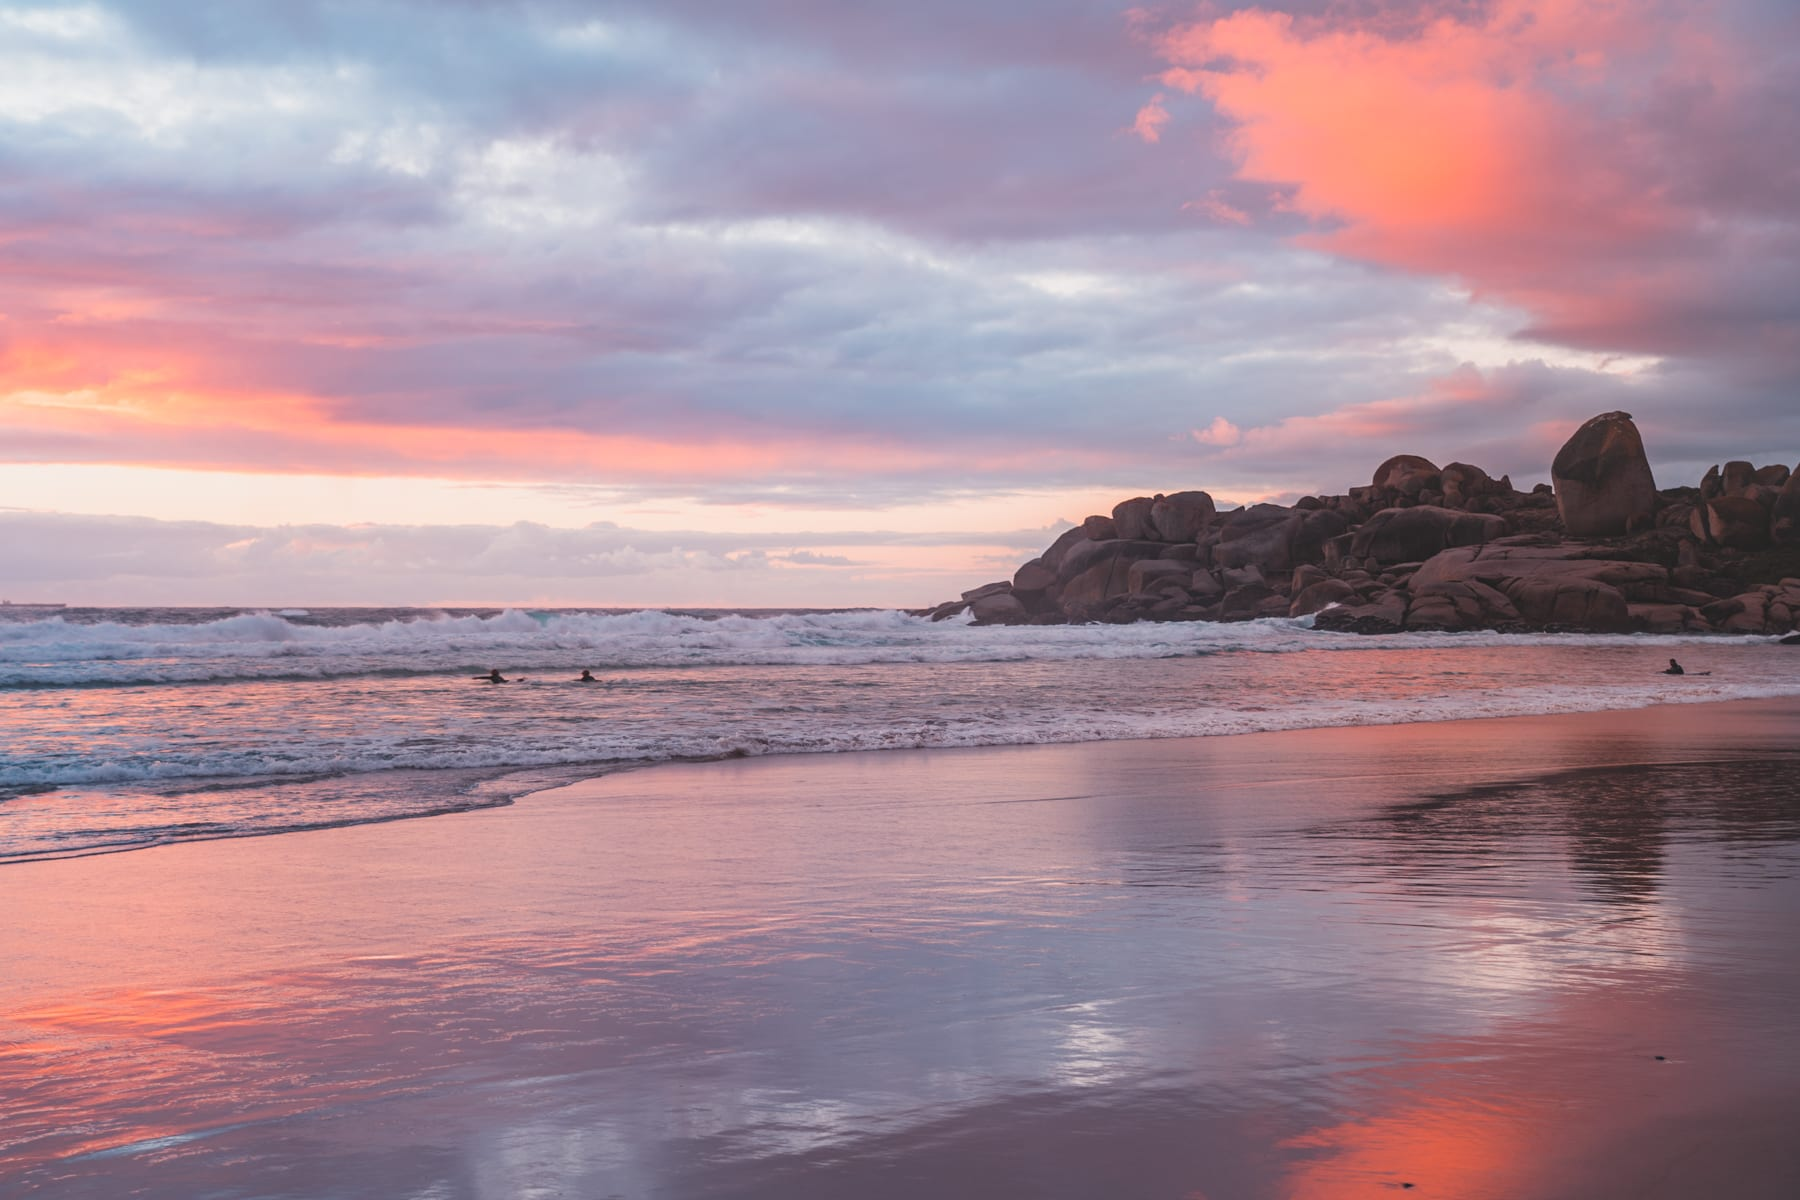 Die schönsten Strände in Kapstadt - Llandudno Beach